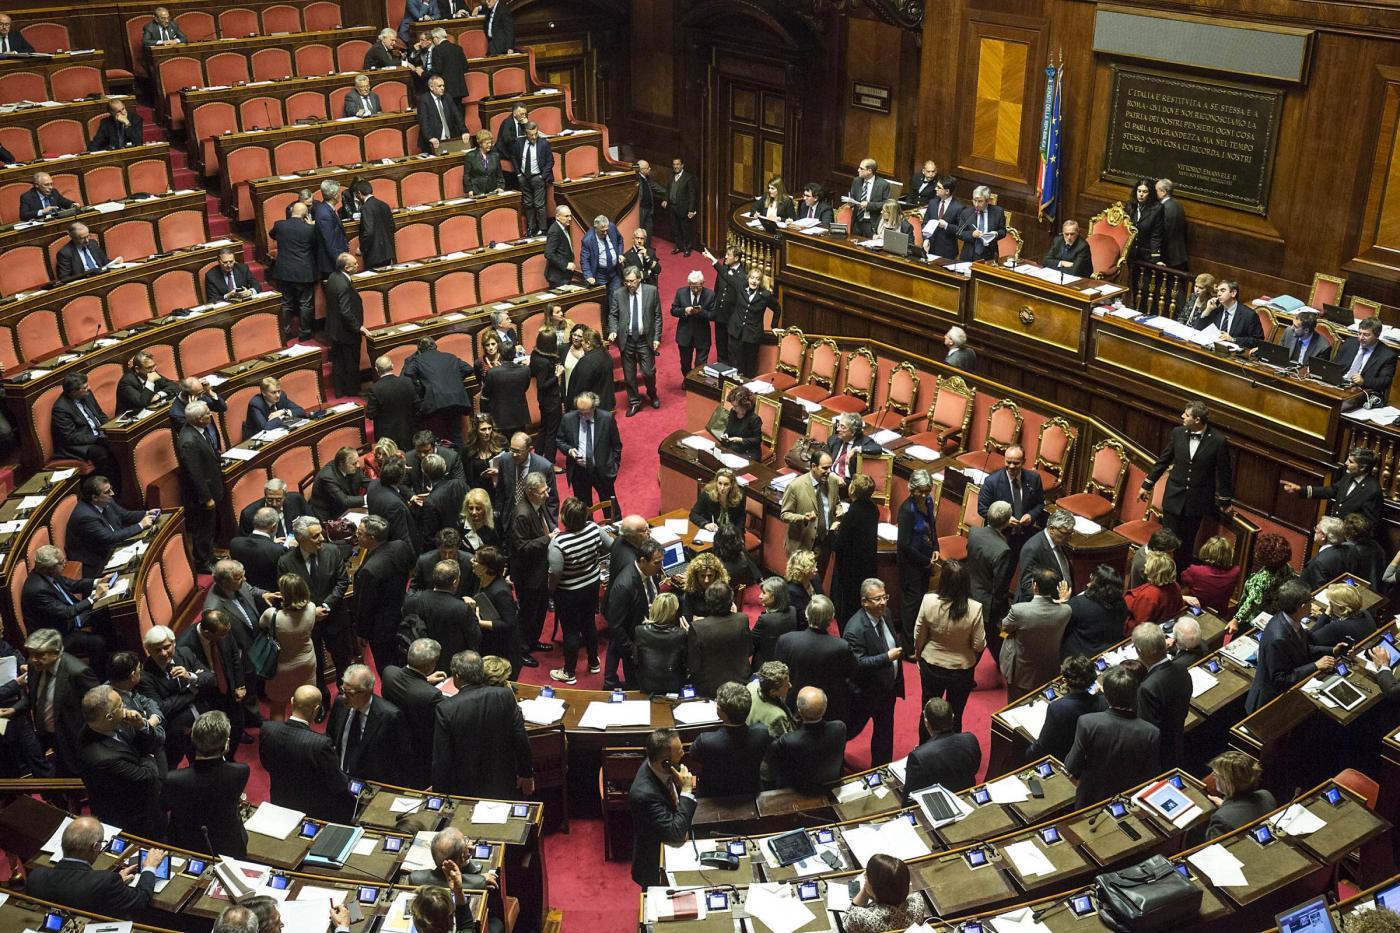 Ultras al Senato con i politici, tra loro anche un condannato: è polemica